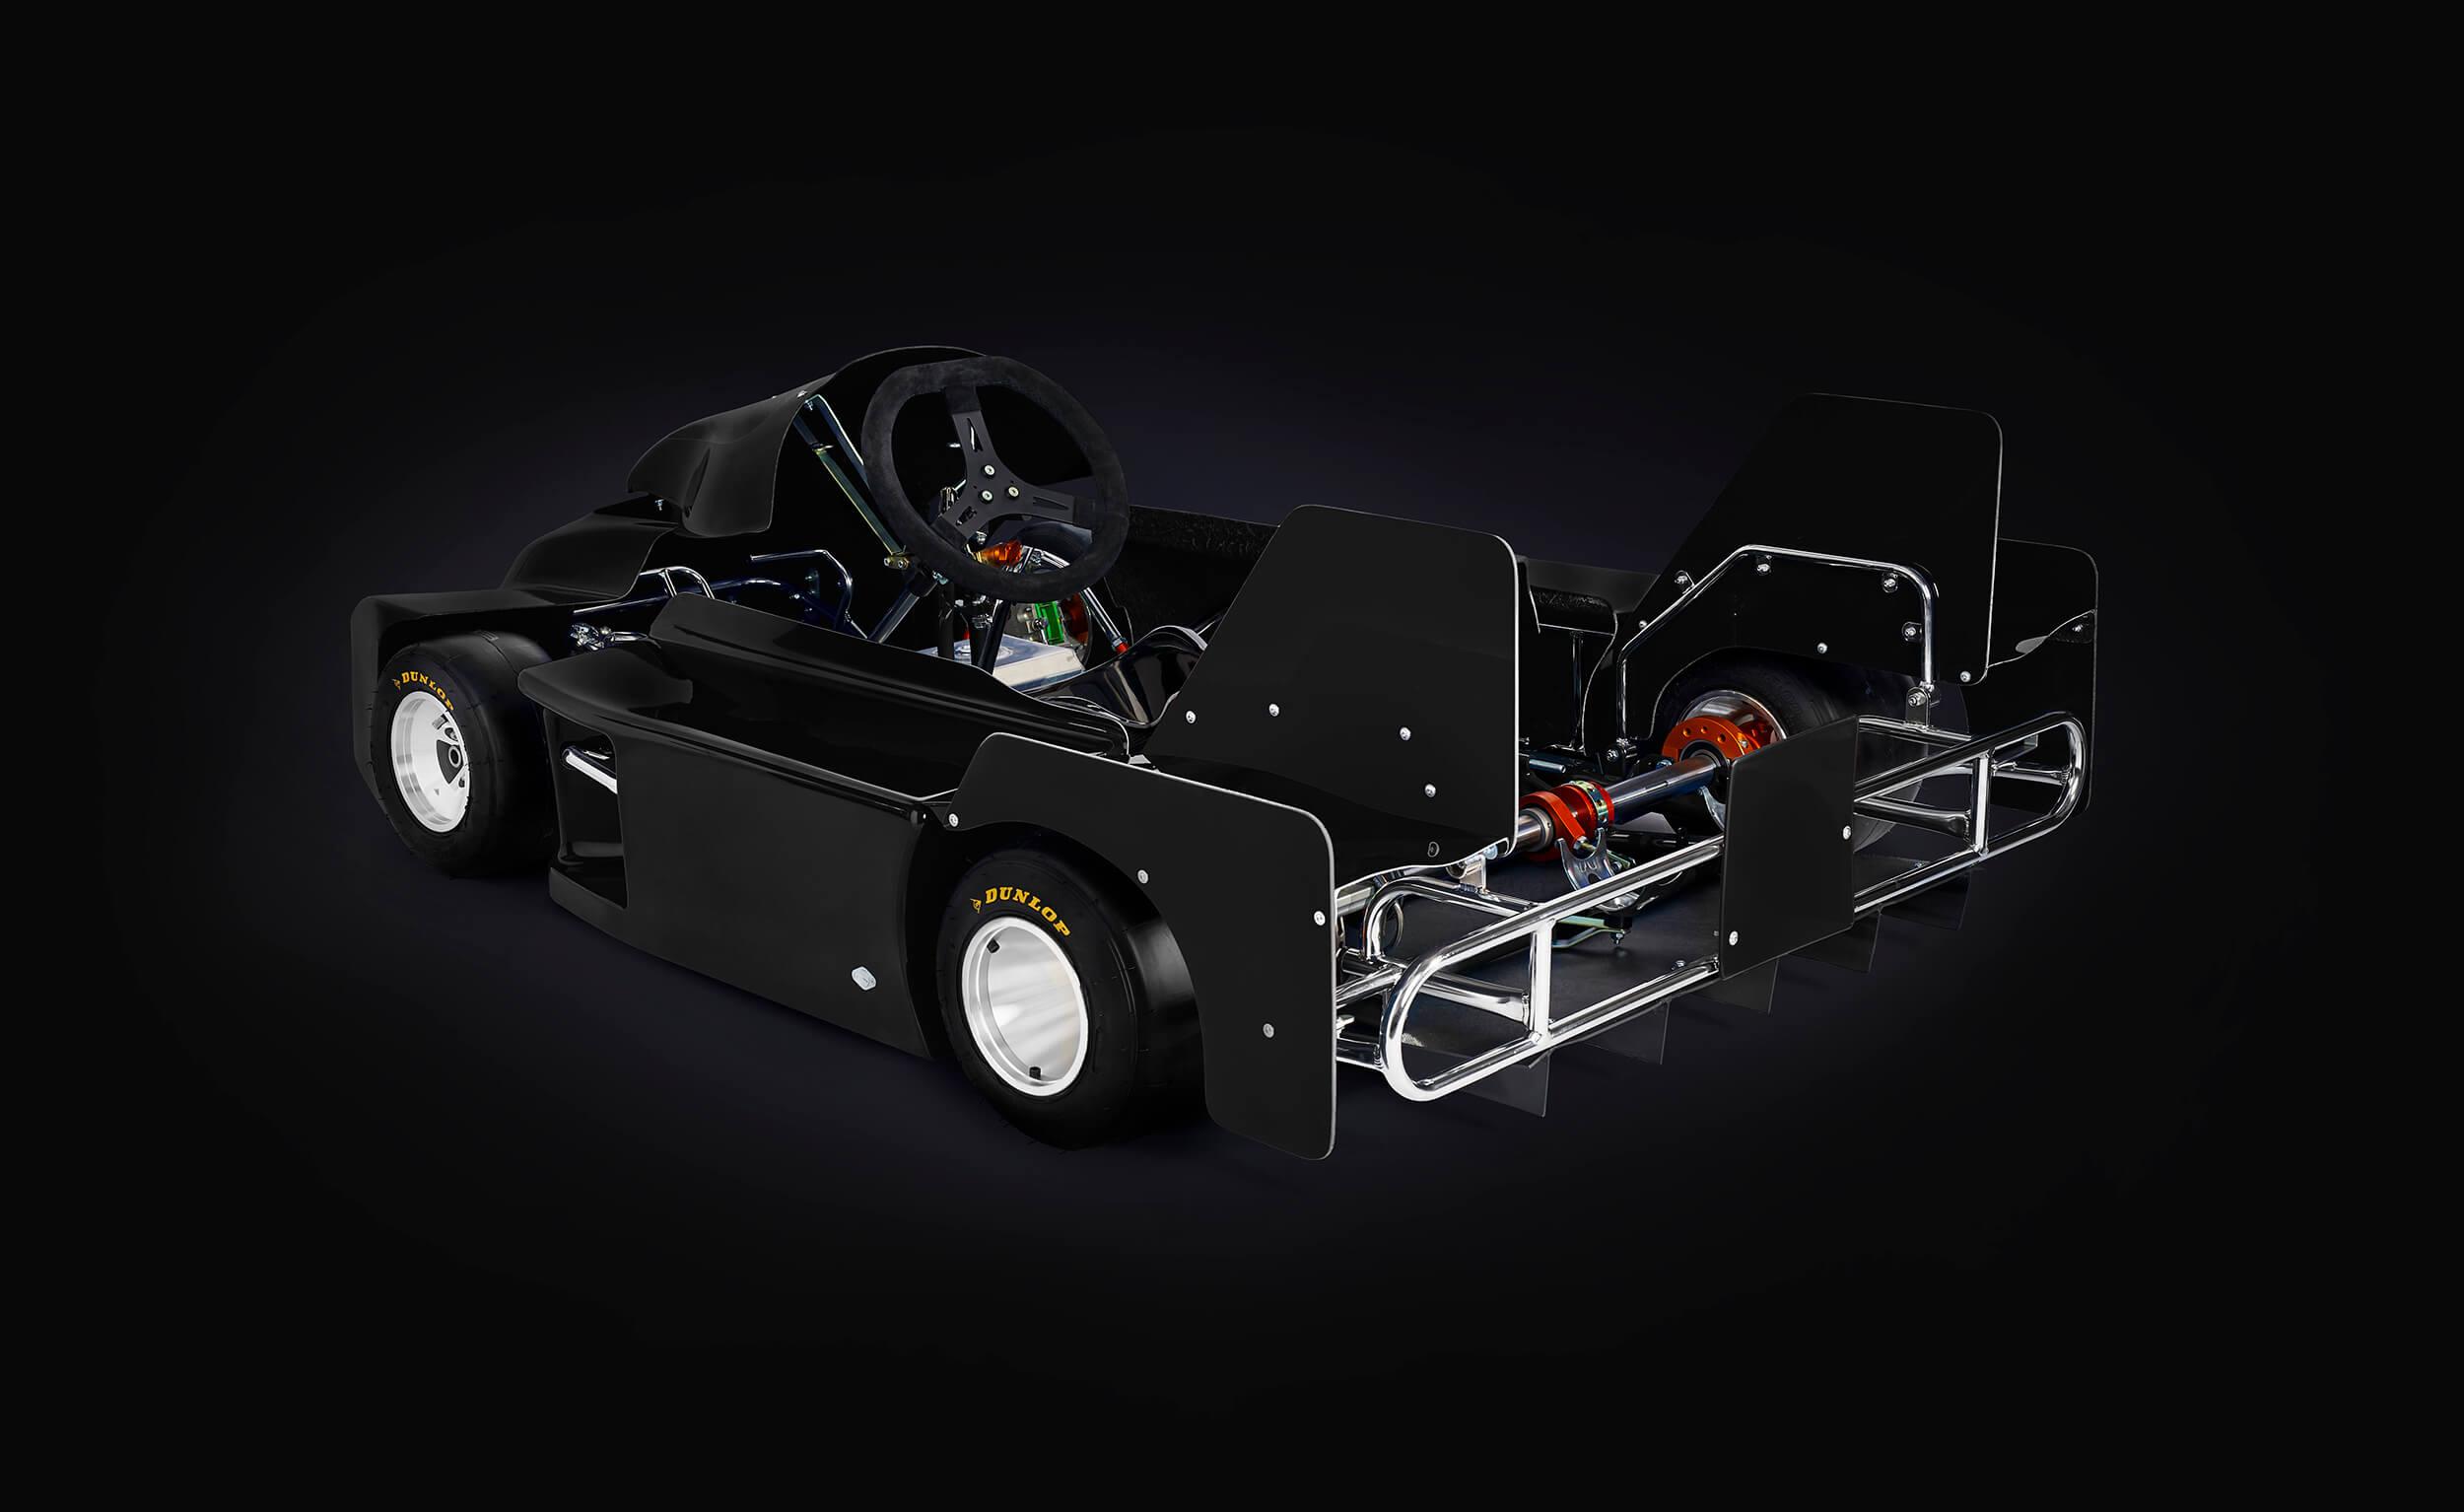 Anderson Karts 125 Super Kart Configurator Background Image